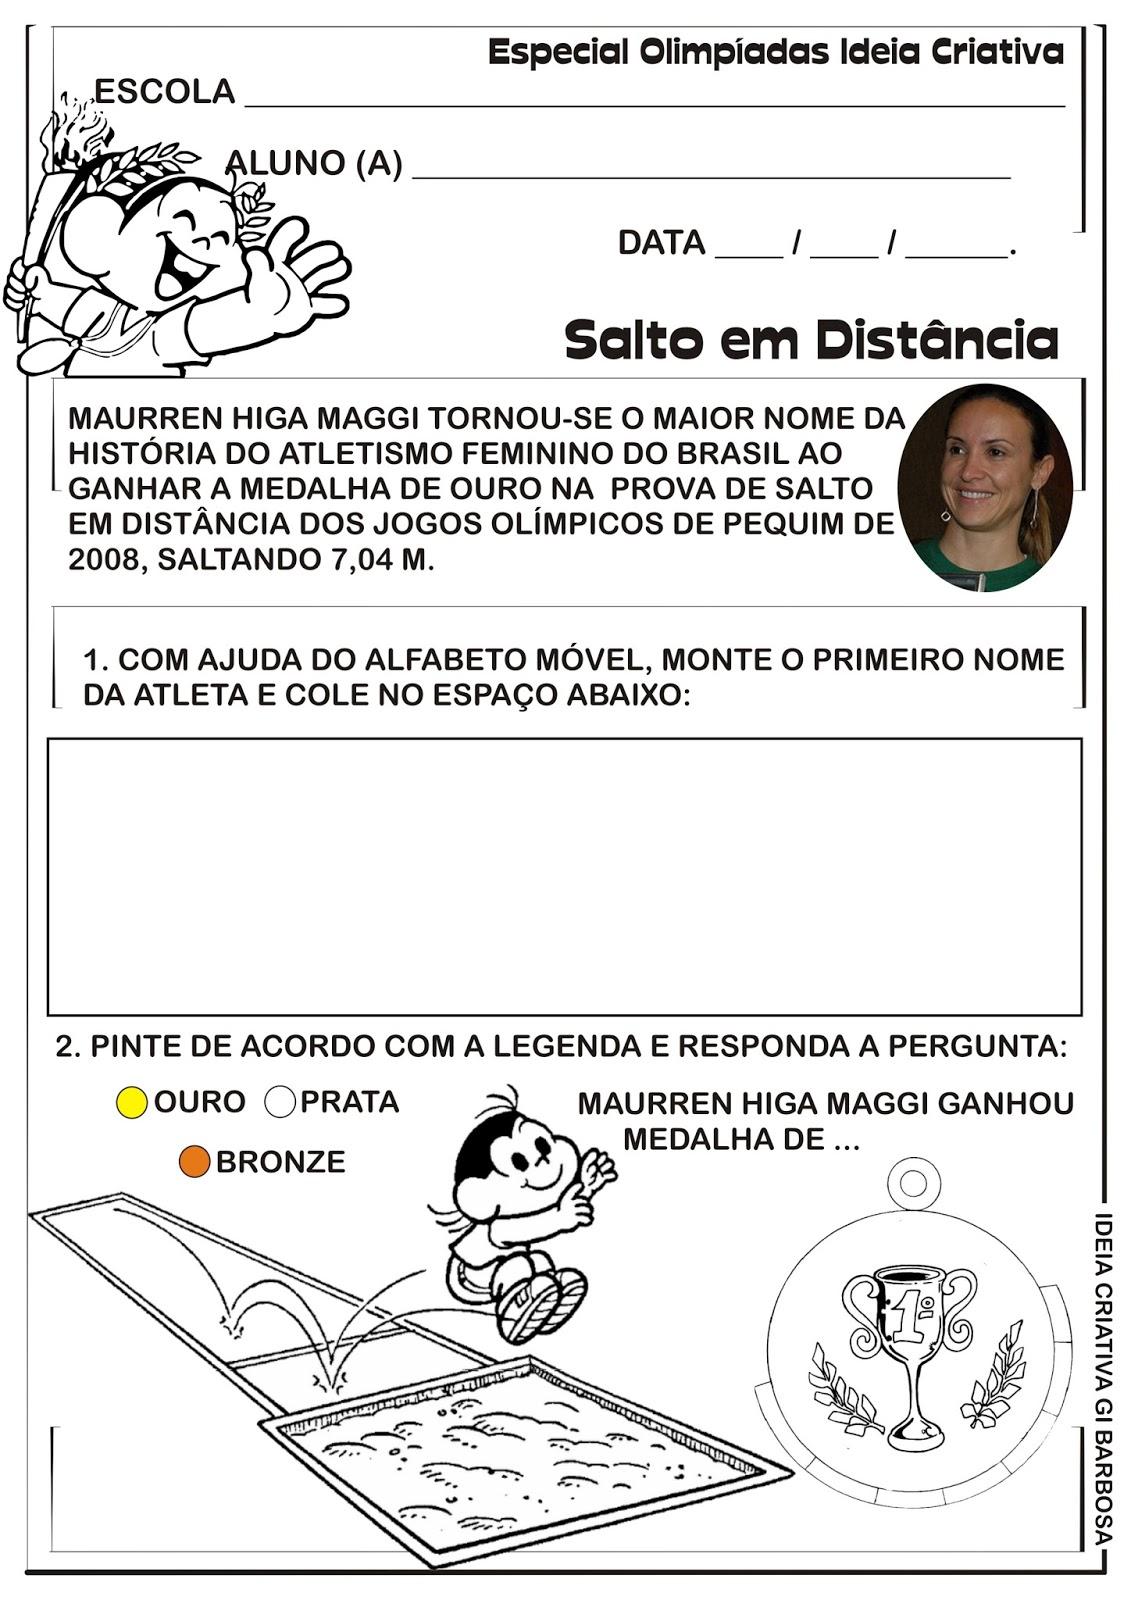 Populares Atividade Olimpíadas Rio 2016 Educação Infantil | Ideia Criativa  BO05